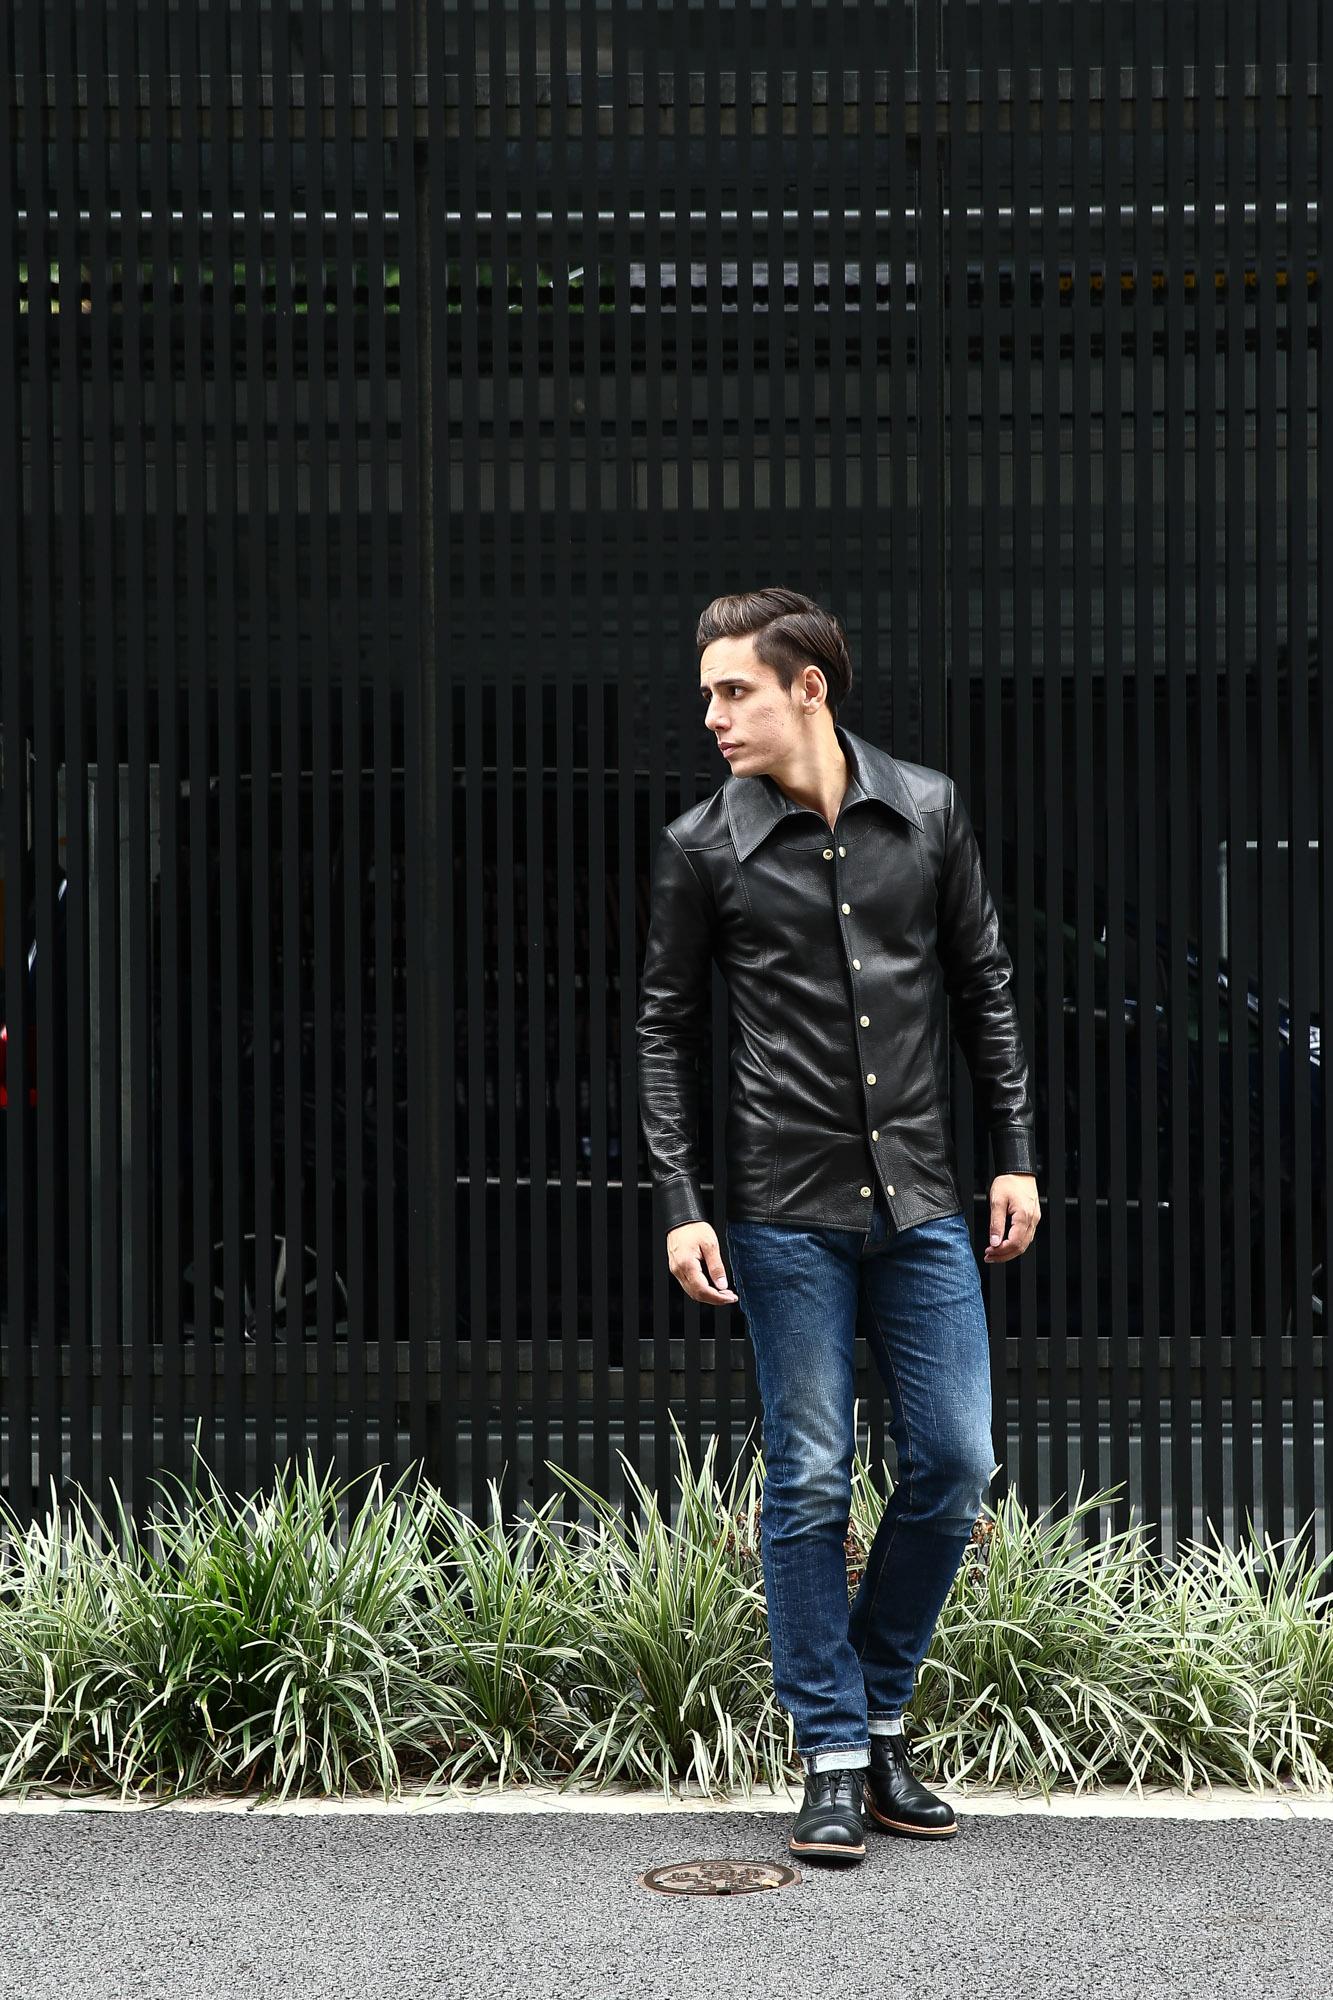 South Paradiso Leather(サウスパラディソレザー) East West(イーストウエスト) ILLUMINATI RAINBOW SHIRTS(イルミナティレインボーシャツ) レザーシャツ BLACK(ブラック) バックスタイル画像。フロント画像。